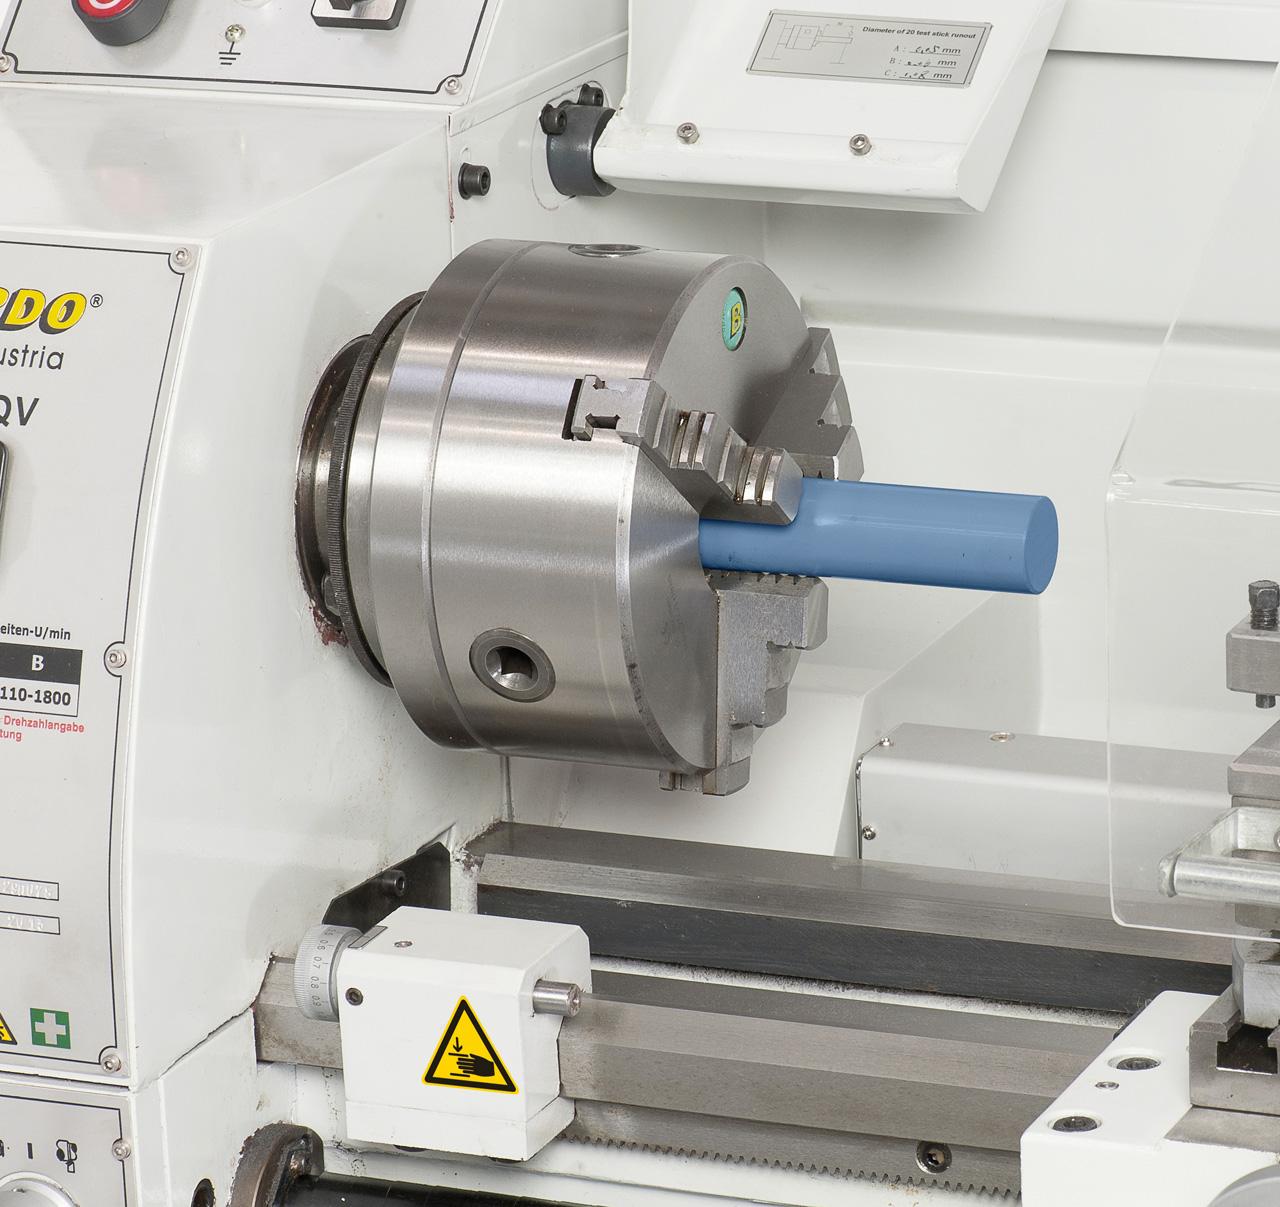 Zum Bearbeiten von großen Wellendurchmessern serienmäßig mit einer 38 mm Spindelbohrung ausgestattet